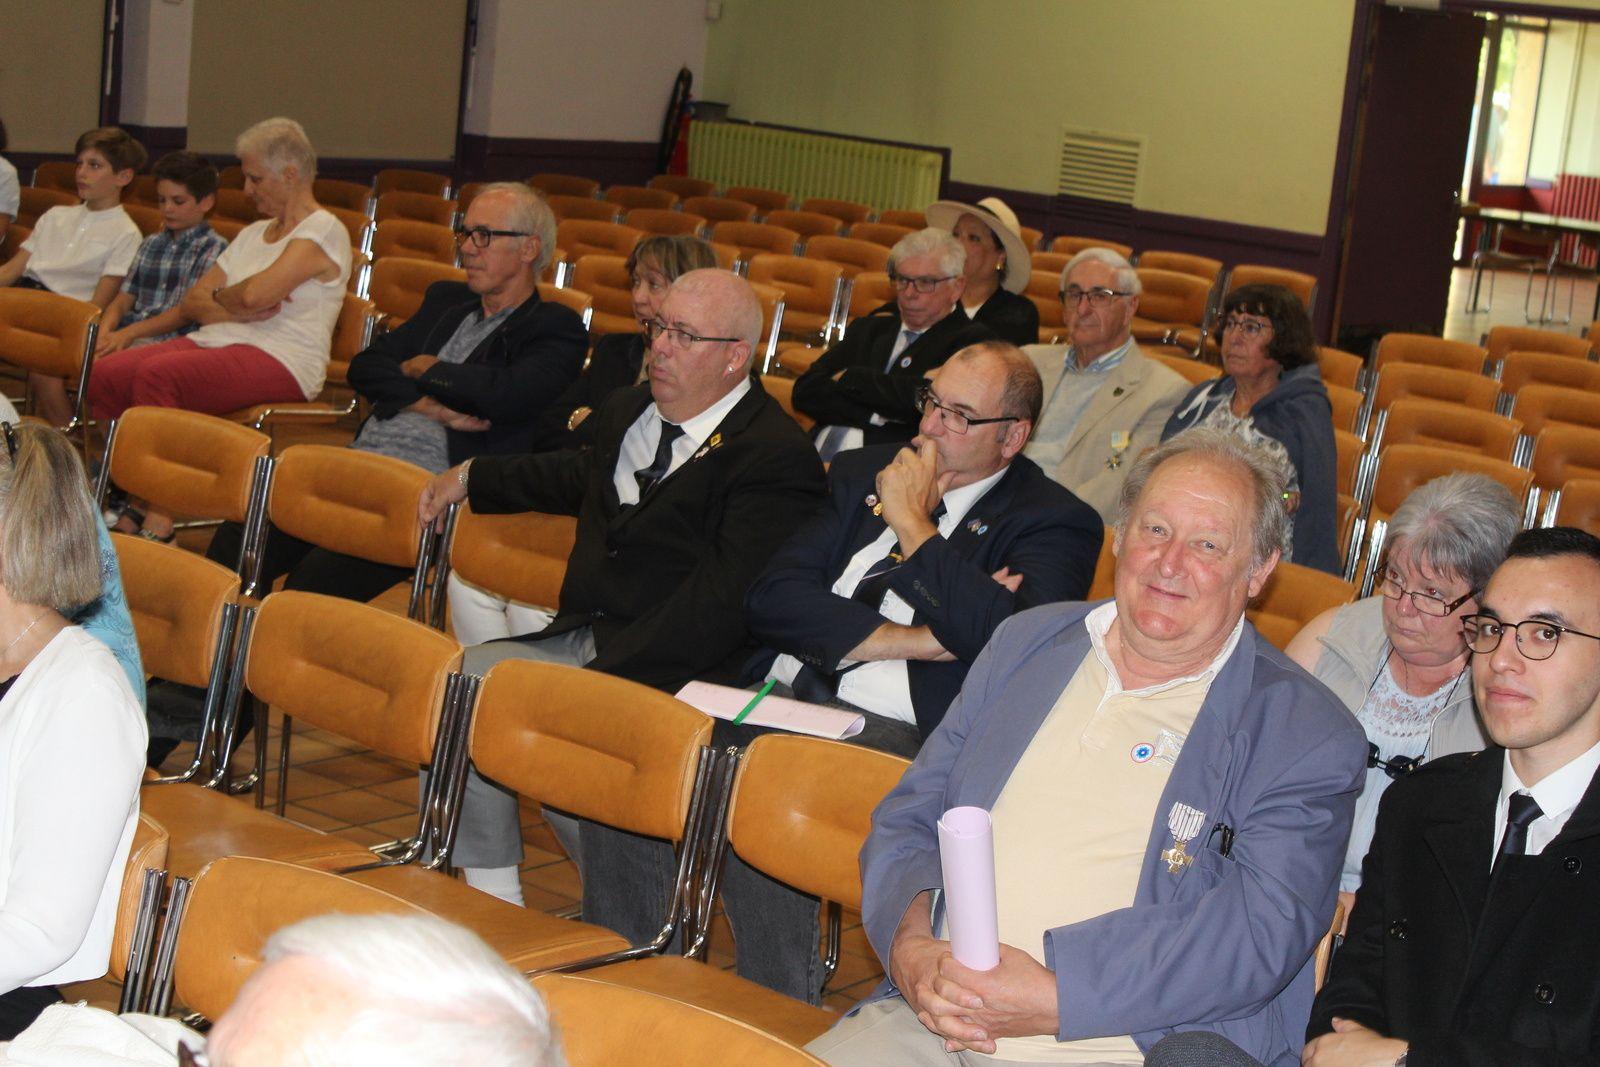 Photos Alain VALON: Arrivée fur à mesure des participants à la salle de la Charpenterie